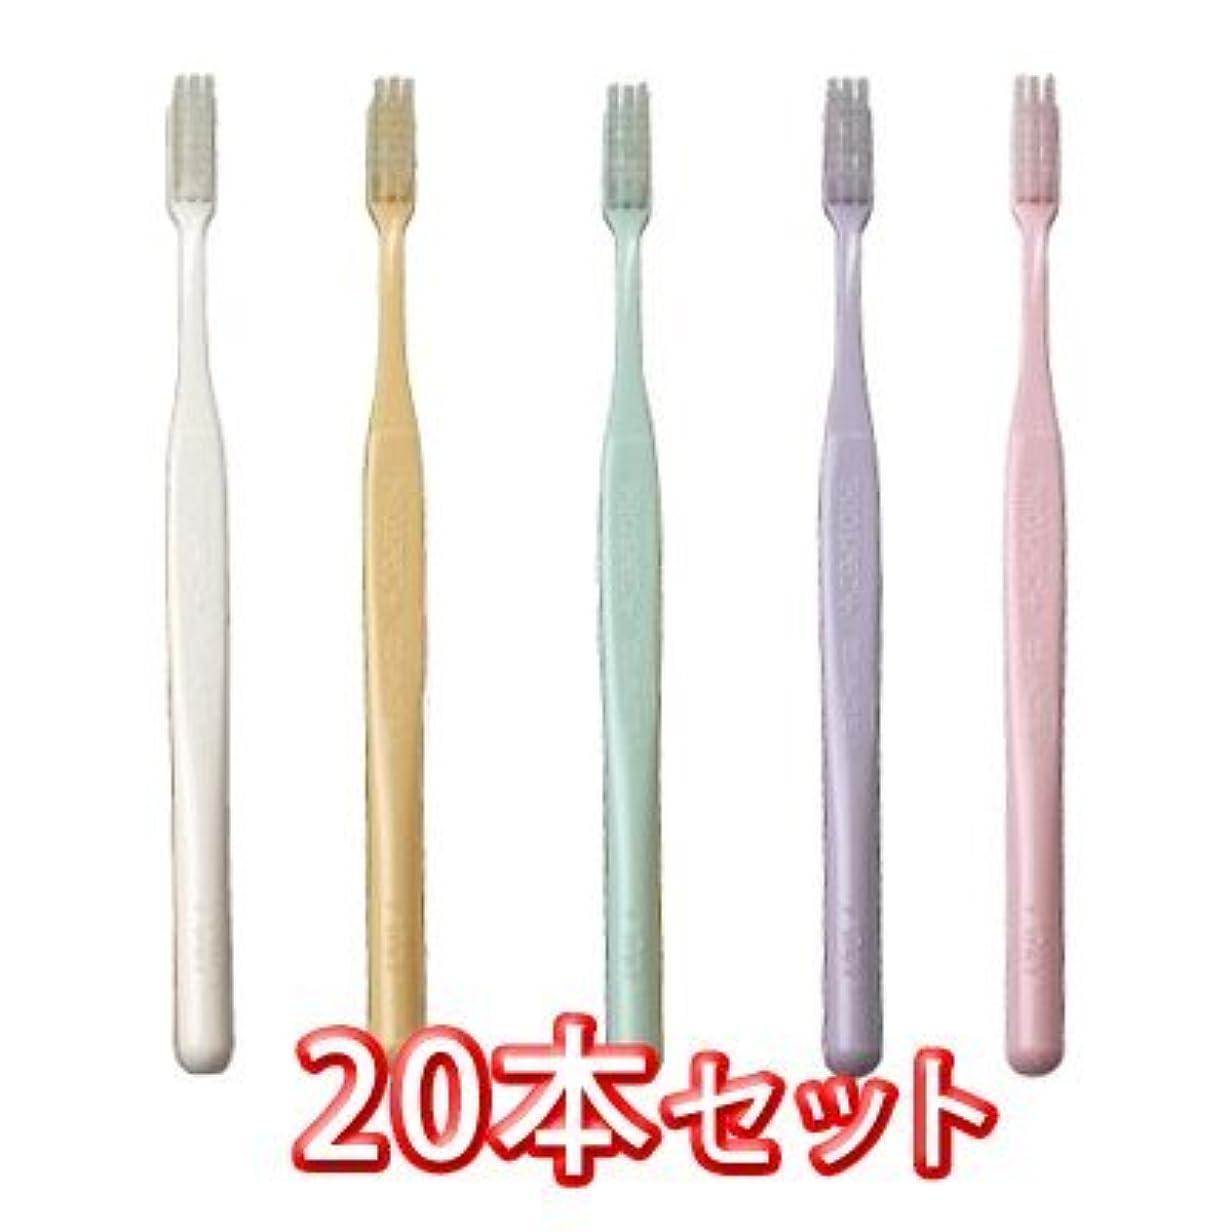 政府椅子廃棄するプロスペック 歯ブラシ プラス コンパクトスリム 20本入 ふつう色 M ふつう